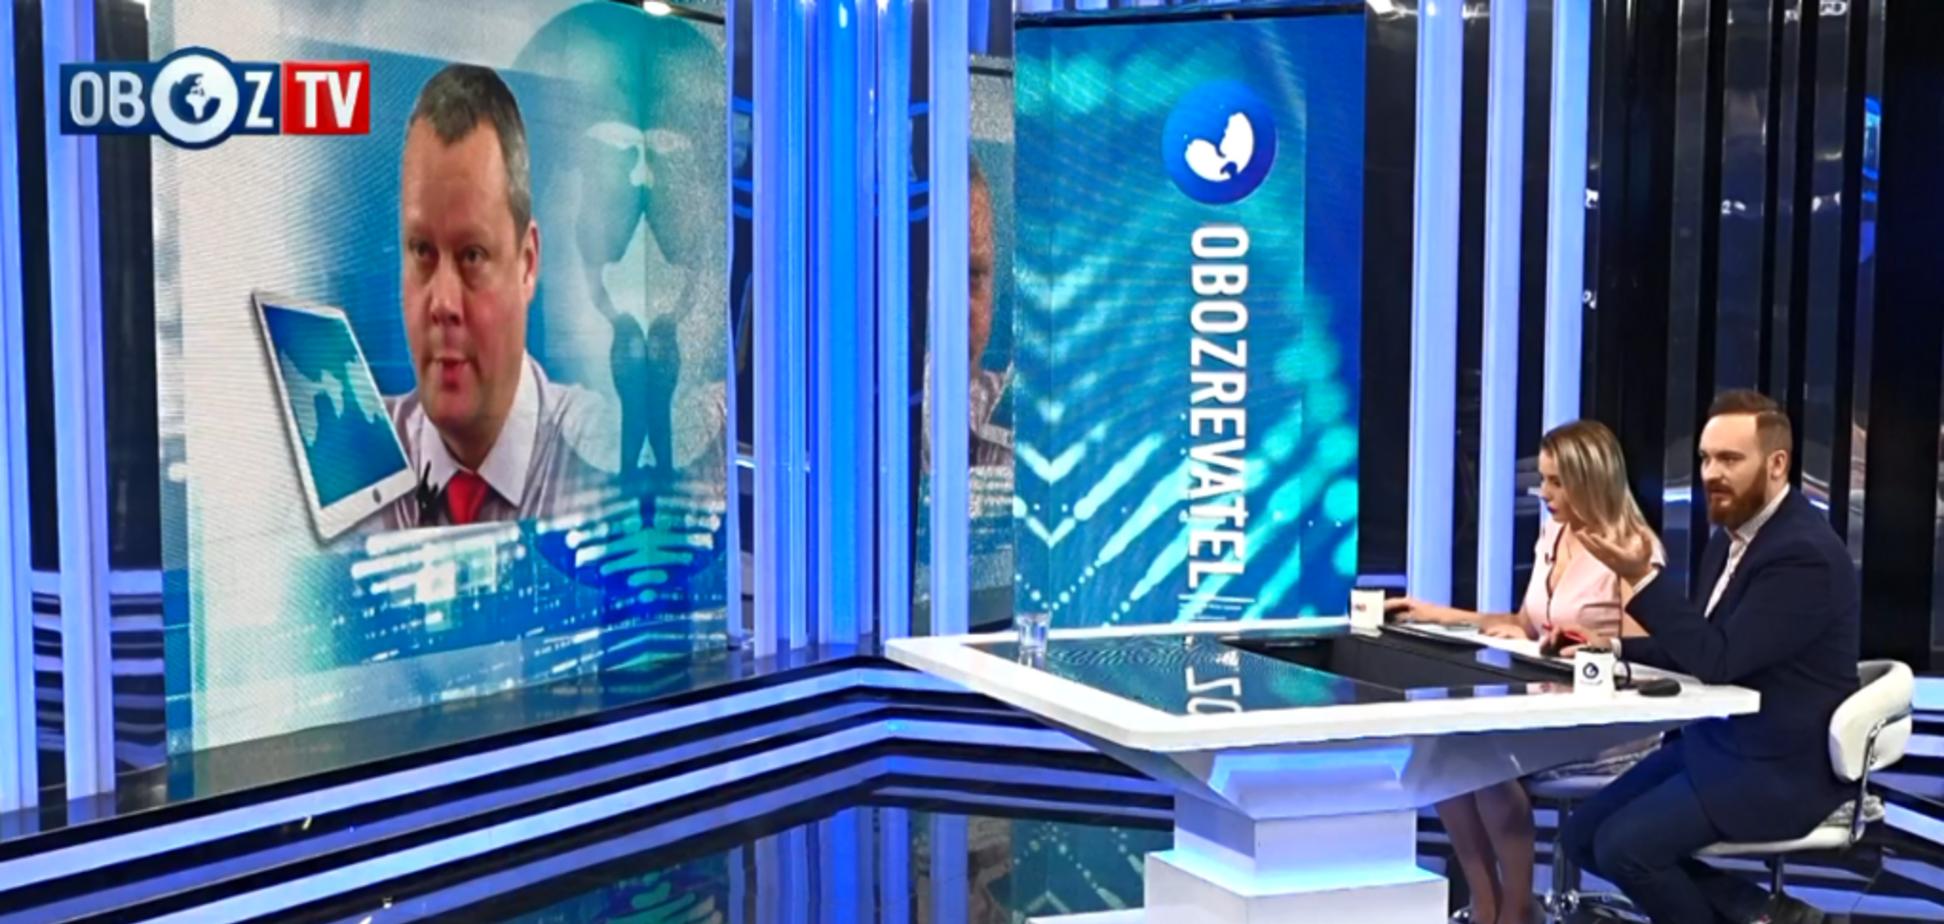 'Изображает царя': украинский журналист высмеял пресс-конференцию Путина